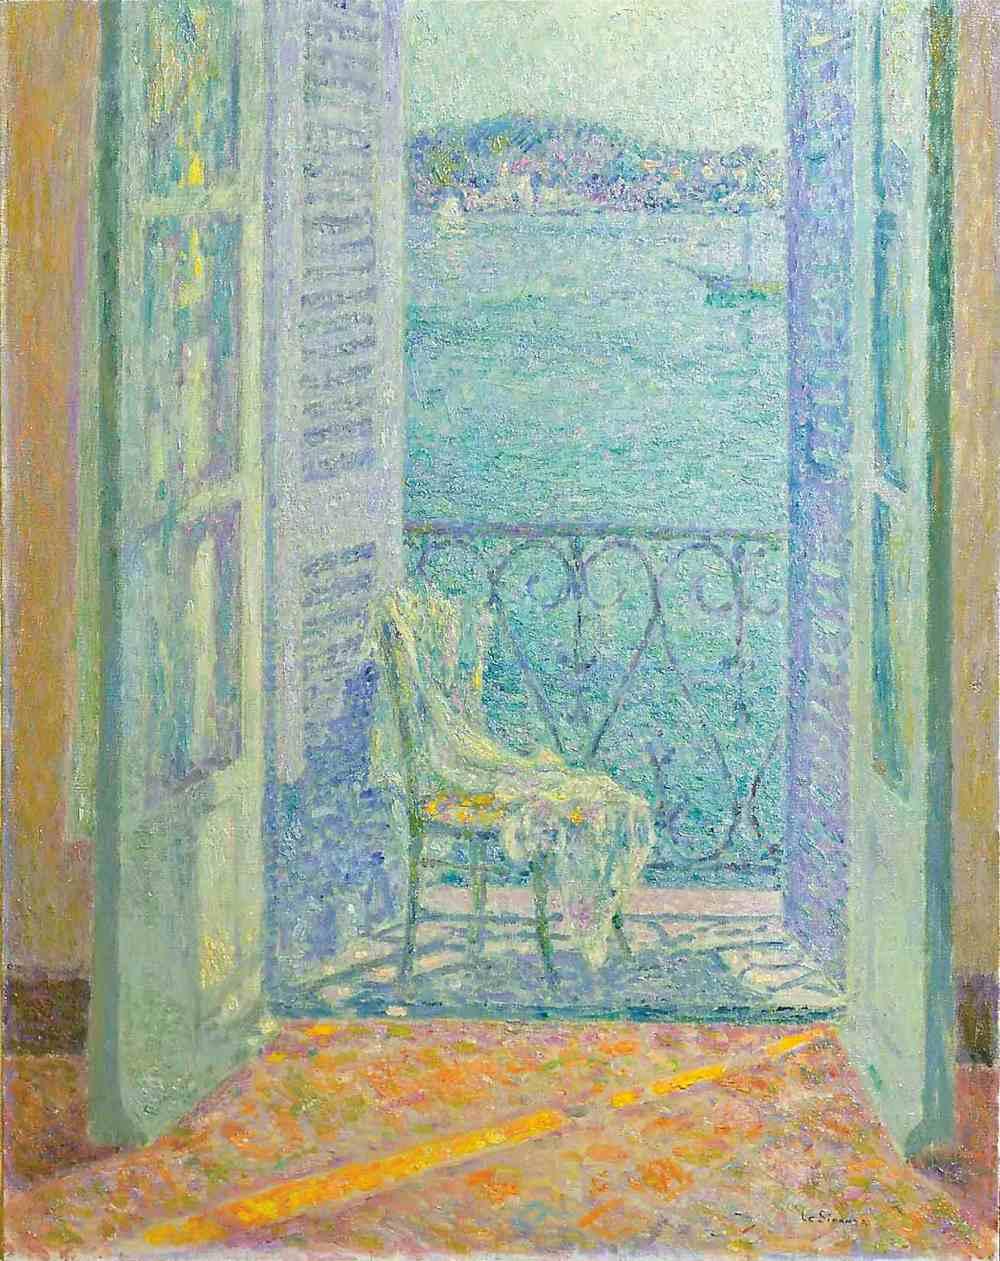 Le Soleil dans la maison, Villefranche-sur-Mer, 1926